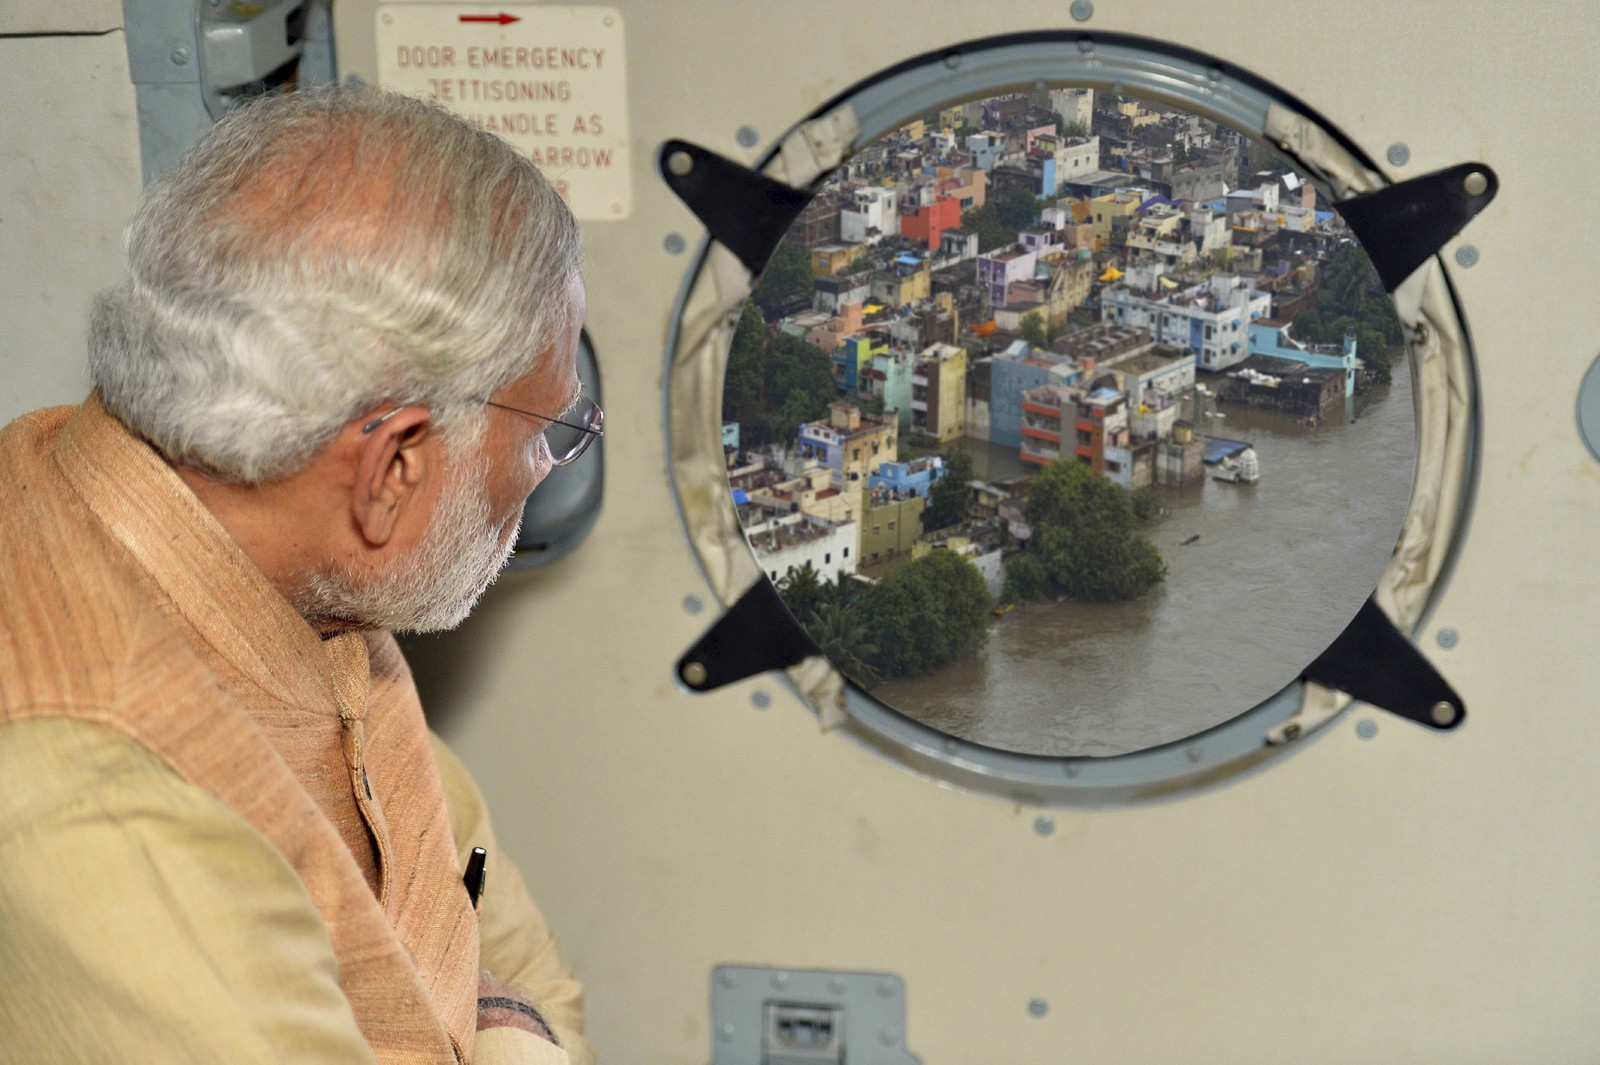 Internett reagerte raskt da dette bildet av Indias statsminister Modi ble publisert av myndighetene. Det viste seg nemlig at bildet var manipulert, og at han slett ikke var så nære konsekvensene av det voldsomme regnskyllet som har rammet landet. I det originale bildet er han på mye lengre avstand.